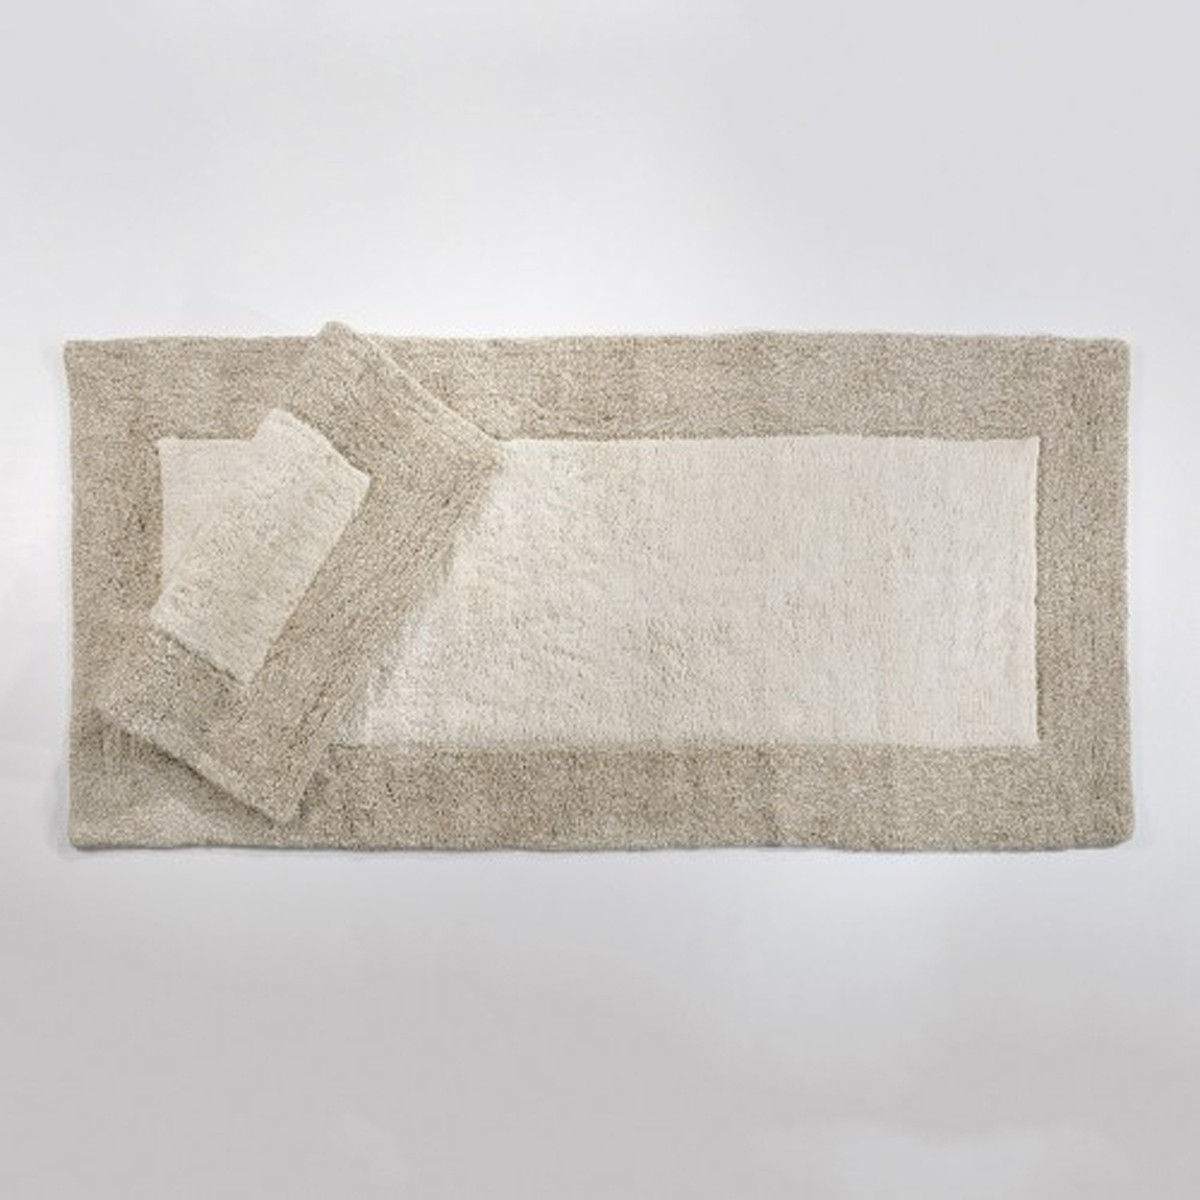 Χαλί Κρεβατοκάμαρας (100x160) Down Town Linen